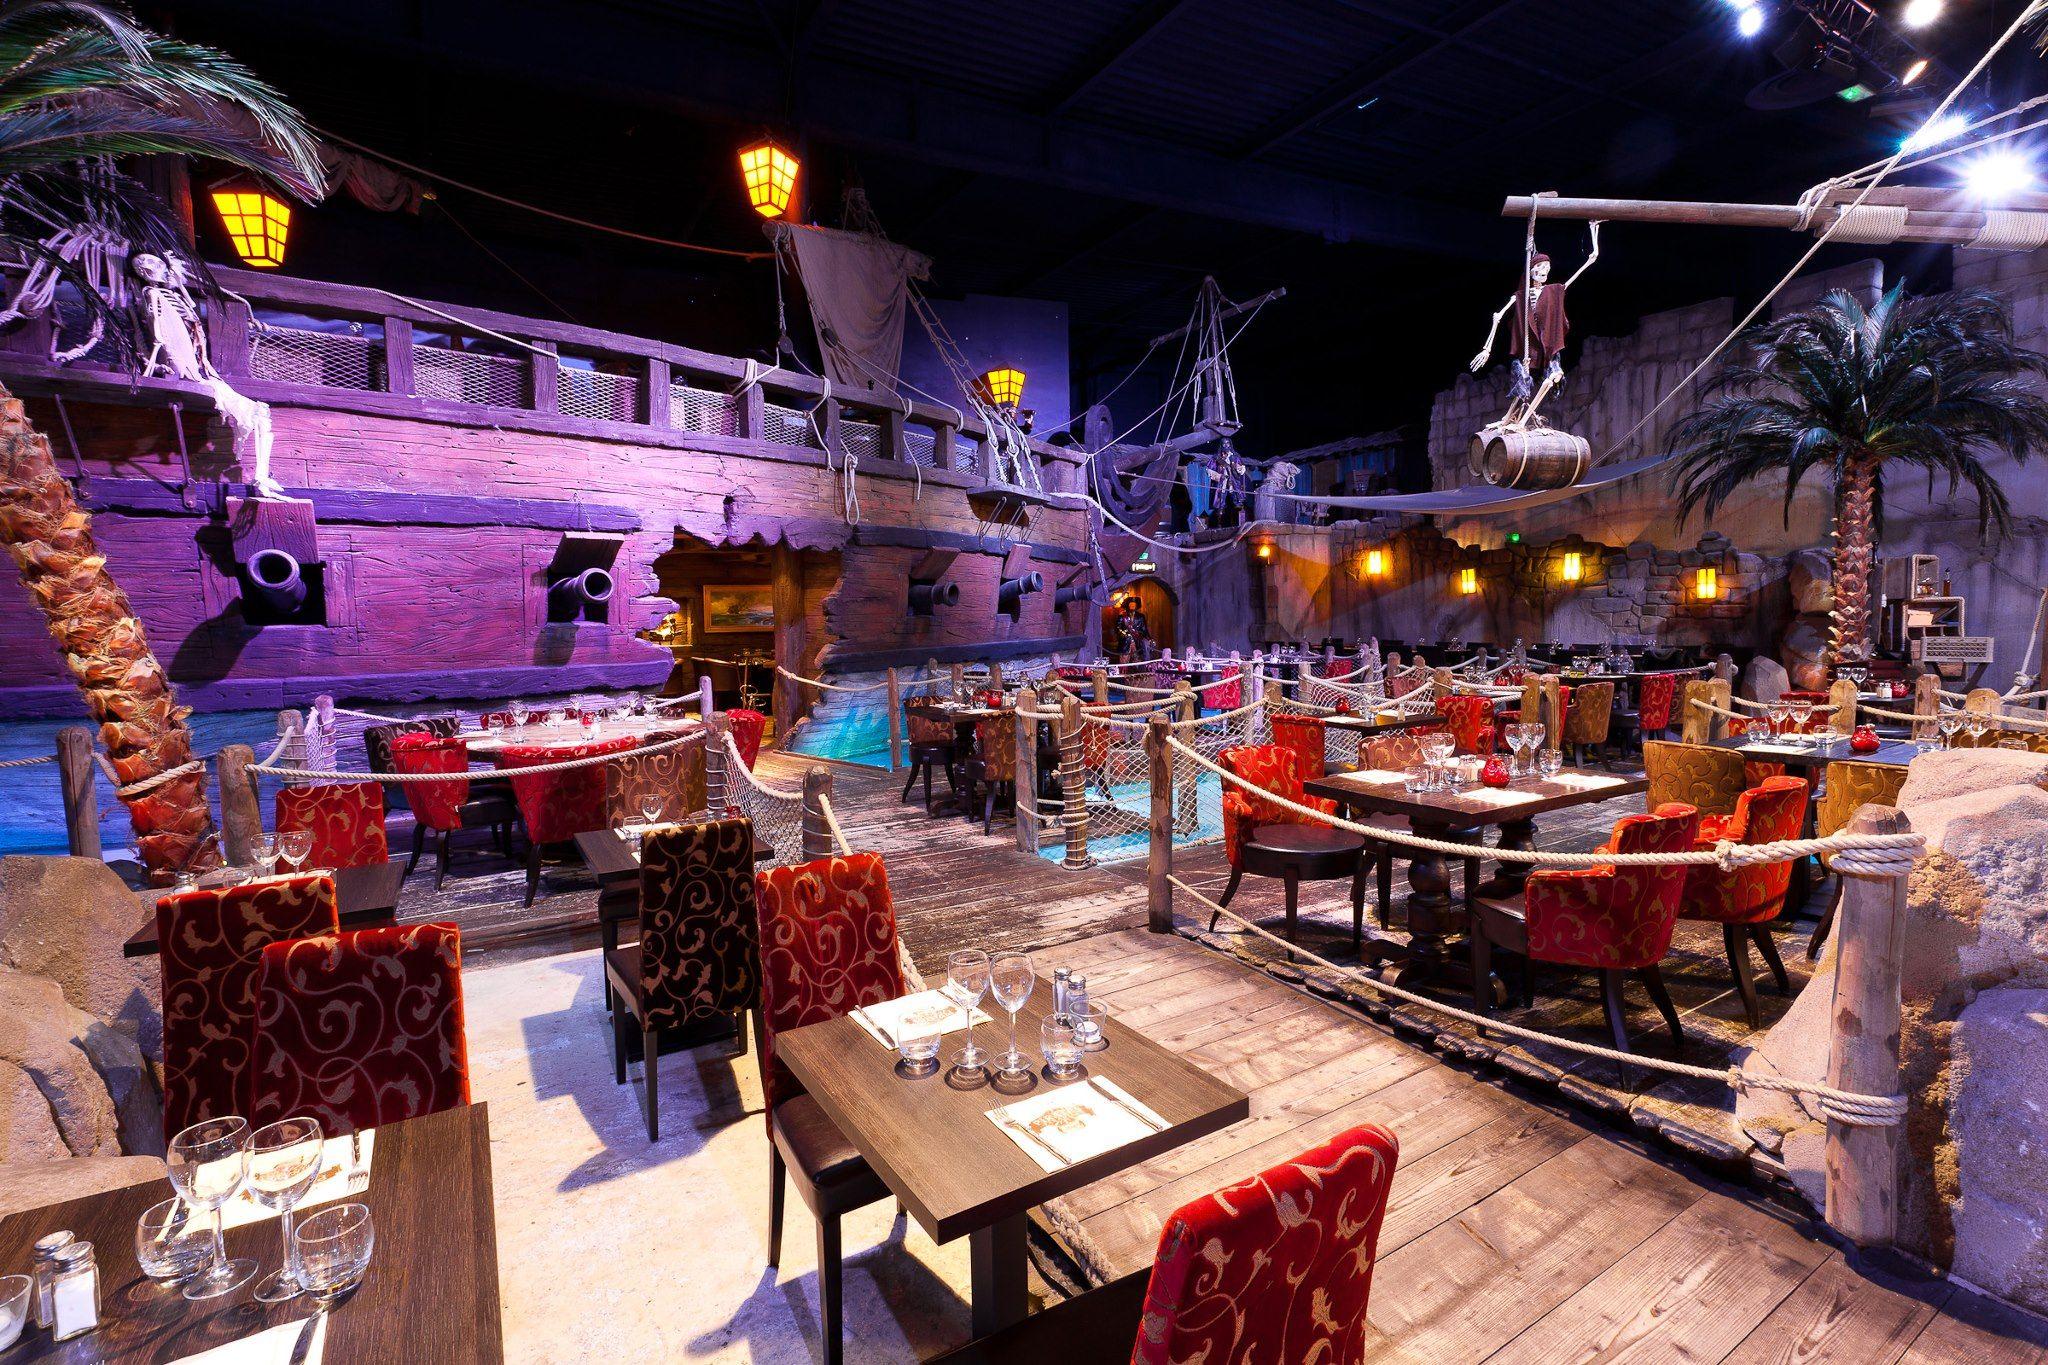 Pirate Themed Restaurant Myrtle Beach